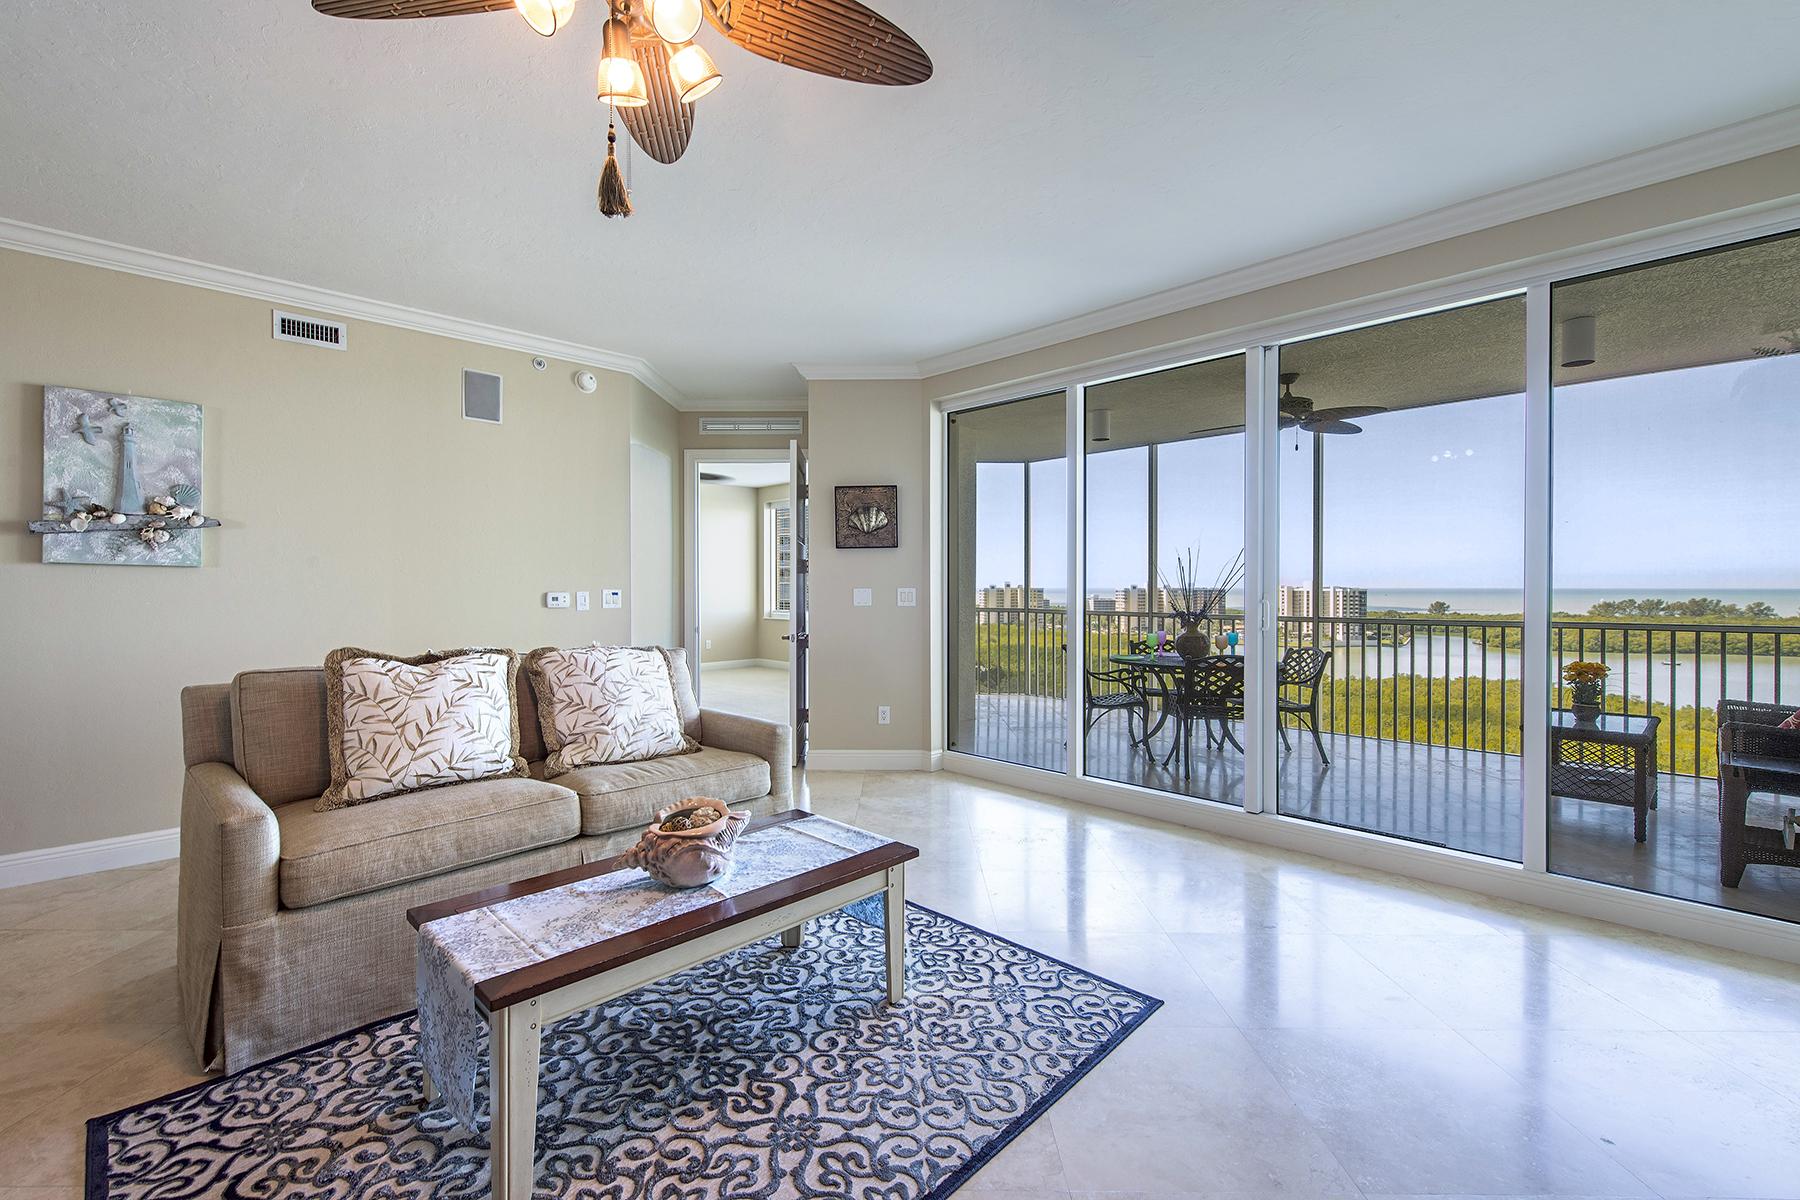 Condomínio para Venda às THE DUNES - GRANDE GENEVA 265 Indies Way 1202 Naples, Florida, 34110 Estados Unidos